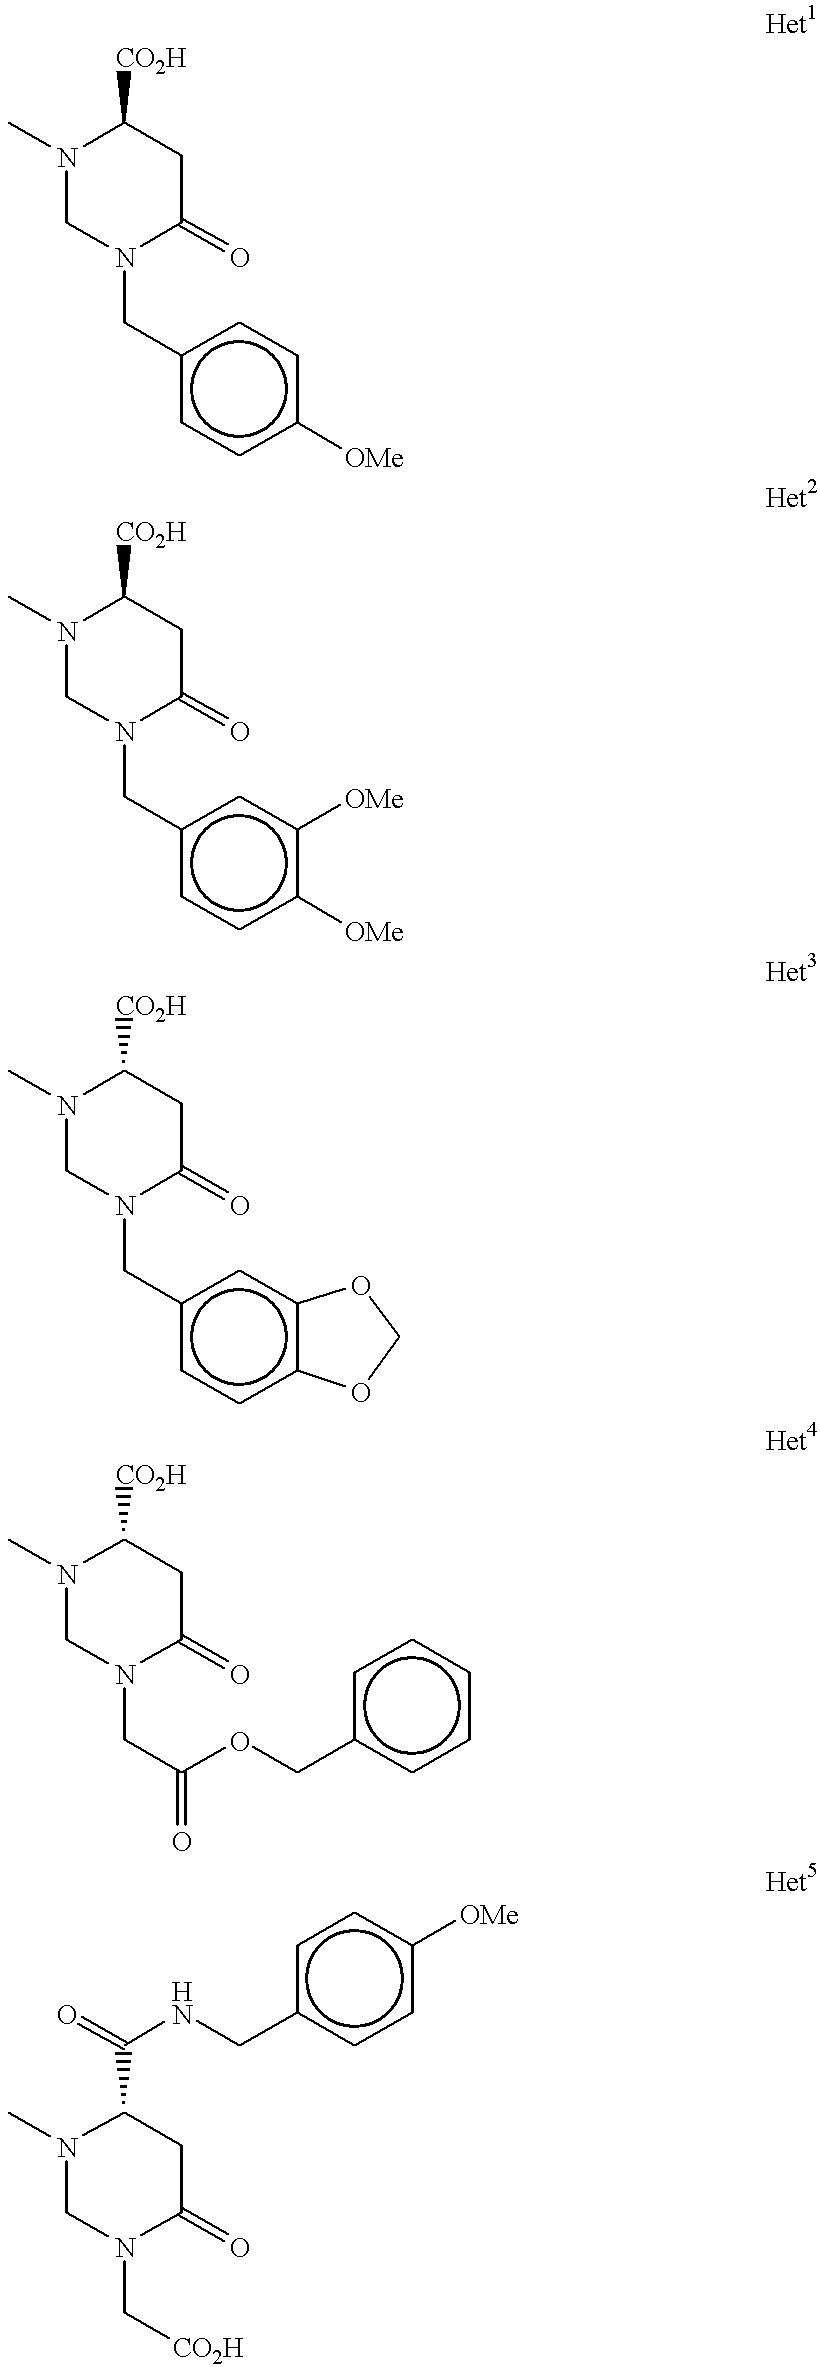 Figure US06239108-20010529-C00002